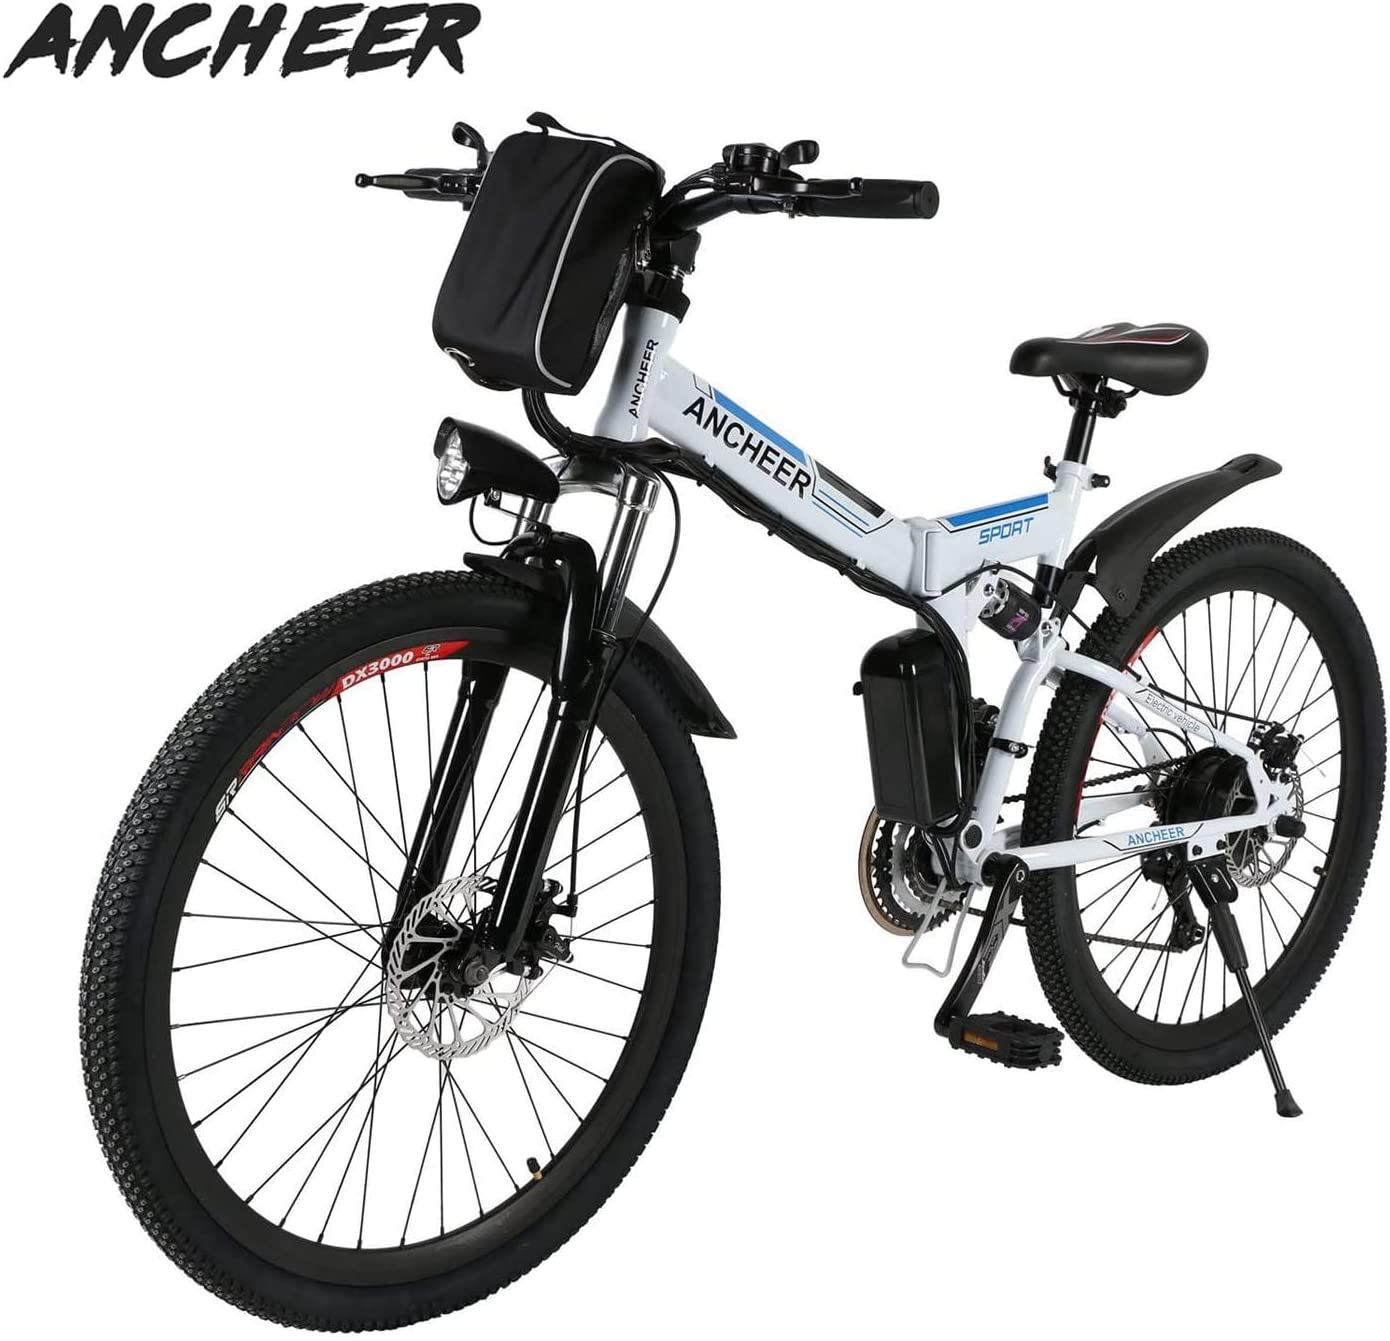 Ancheer Bicicleta Eléctrica de Montaña E-Bike